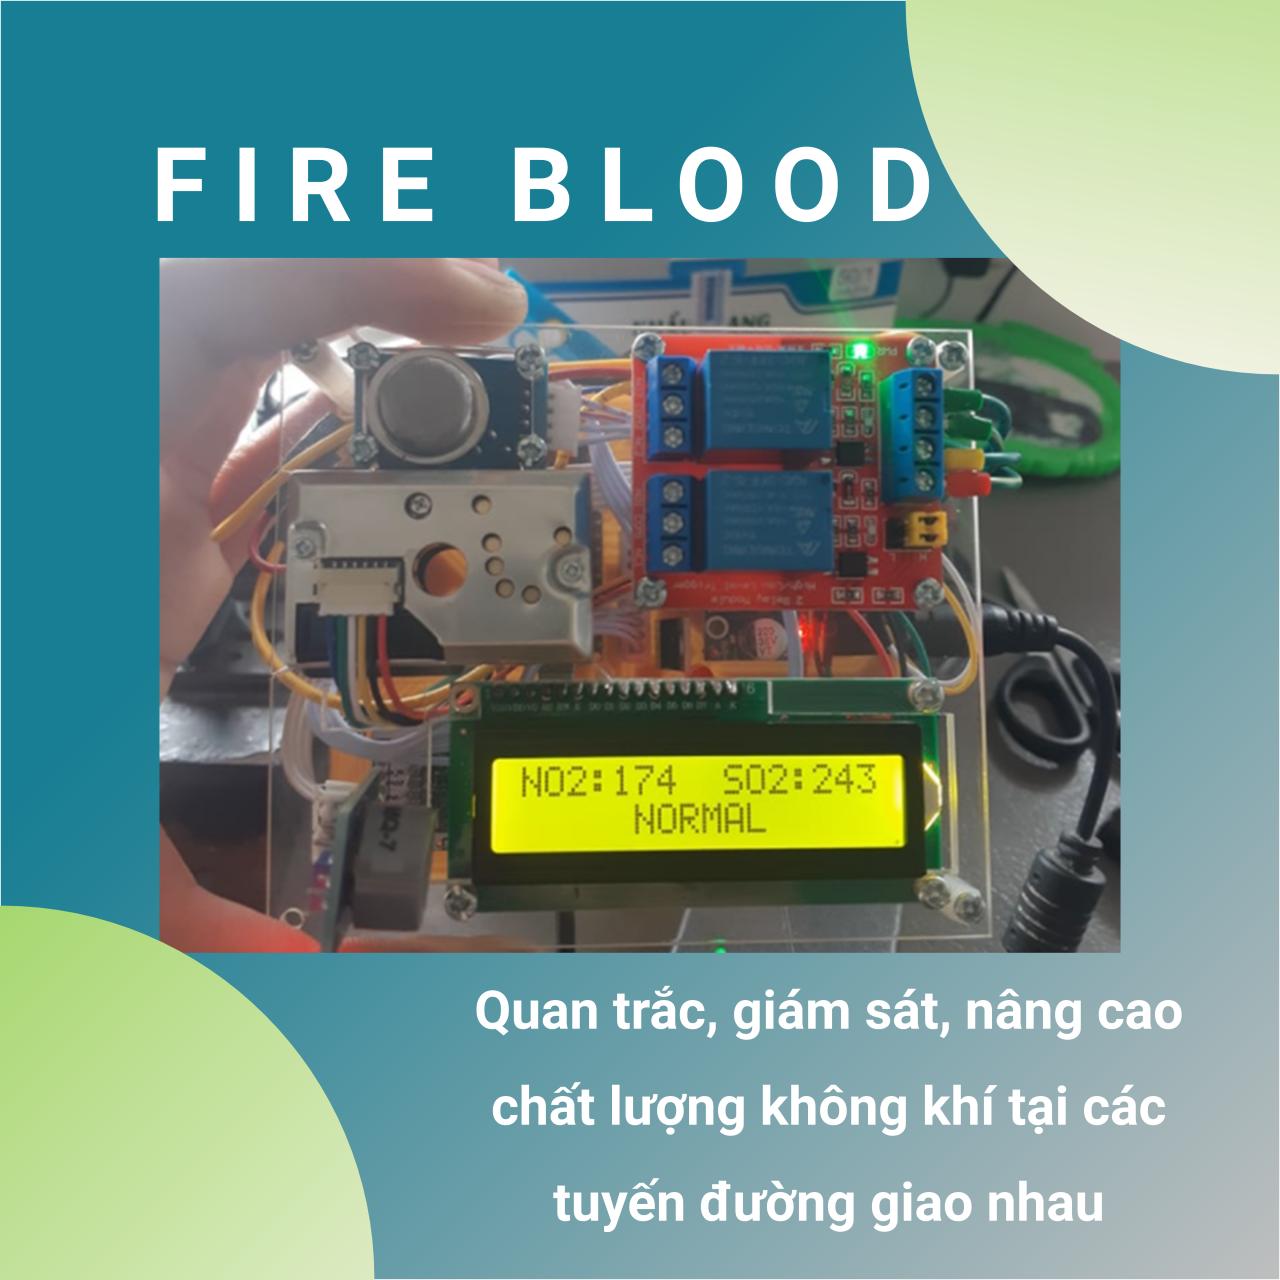 Nhóm Fire Blood - Quan trắc, giám sát, nâng cao chất lượng không khí tại các tuyến đường giao nhau